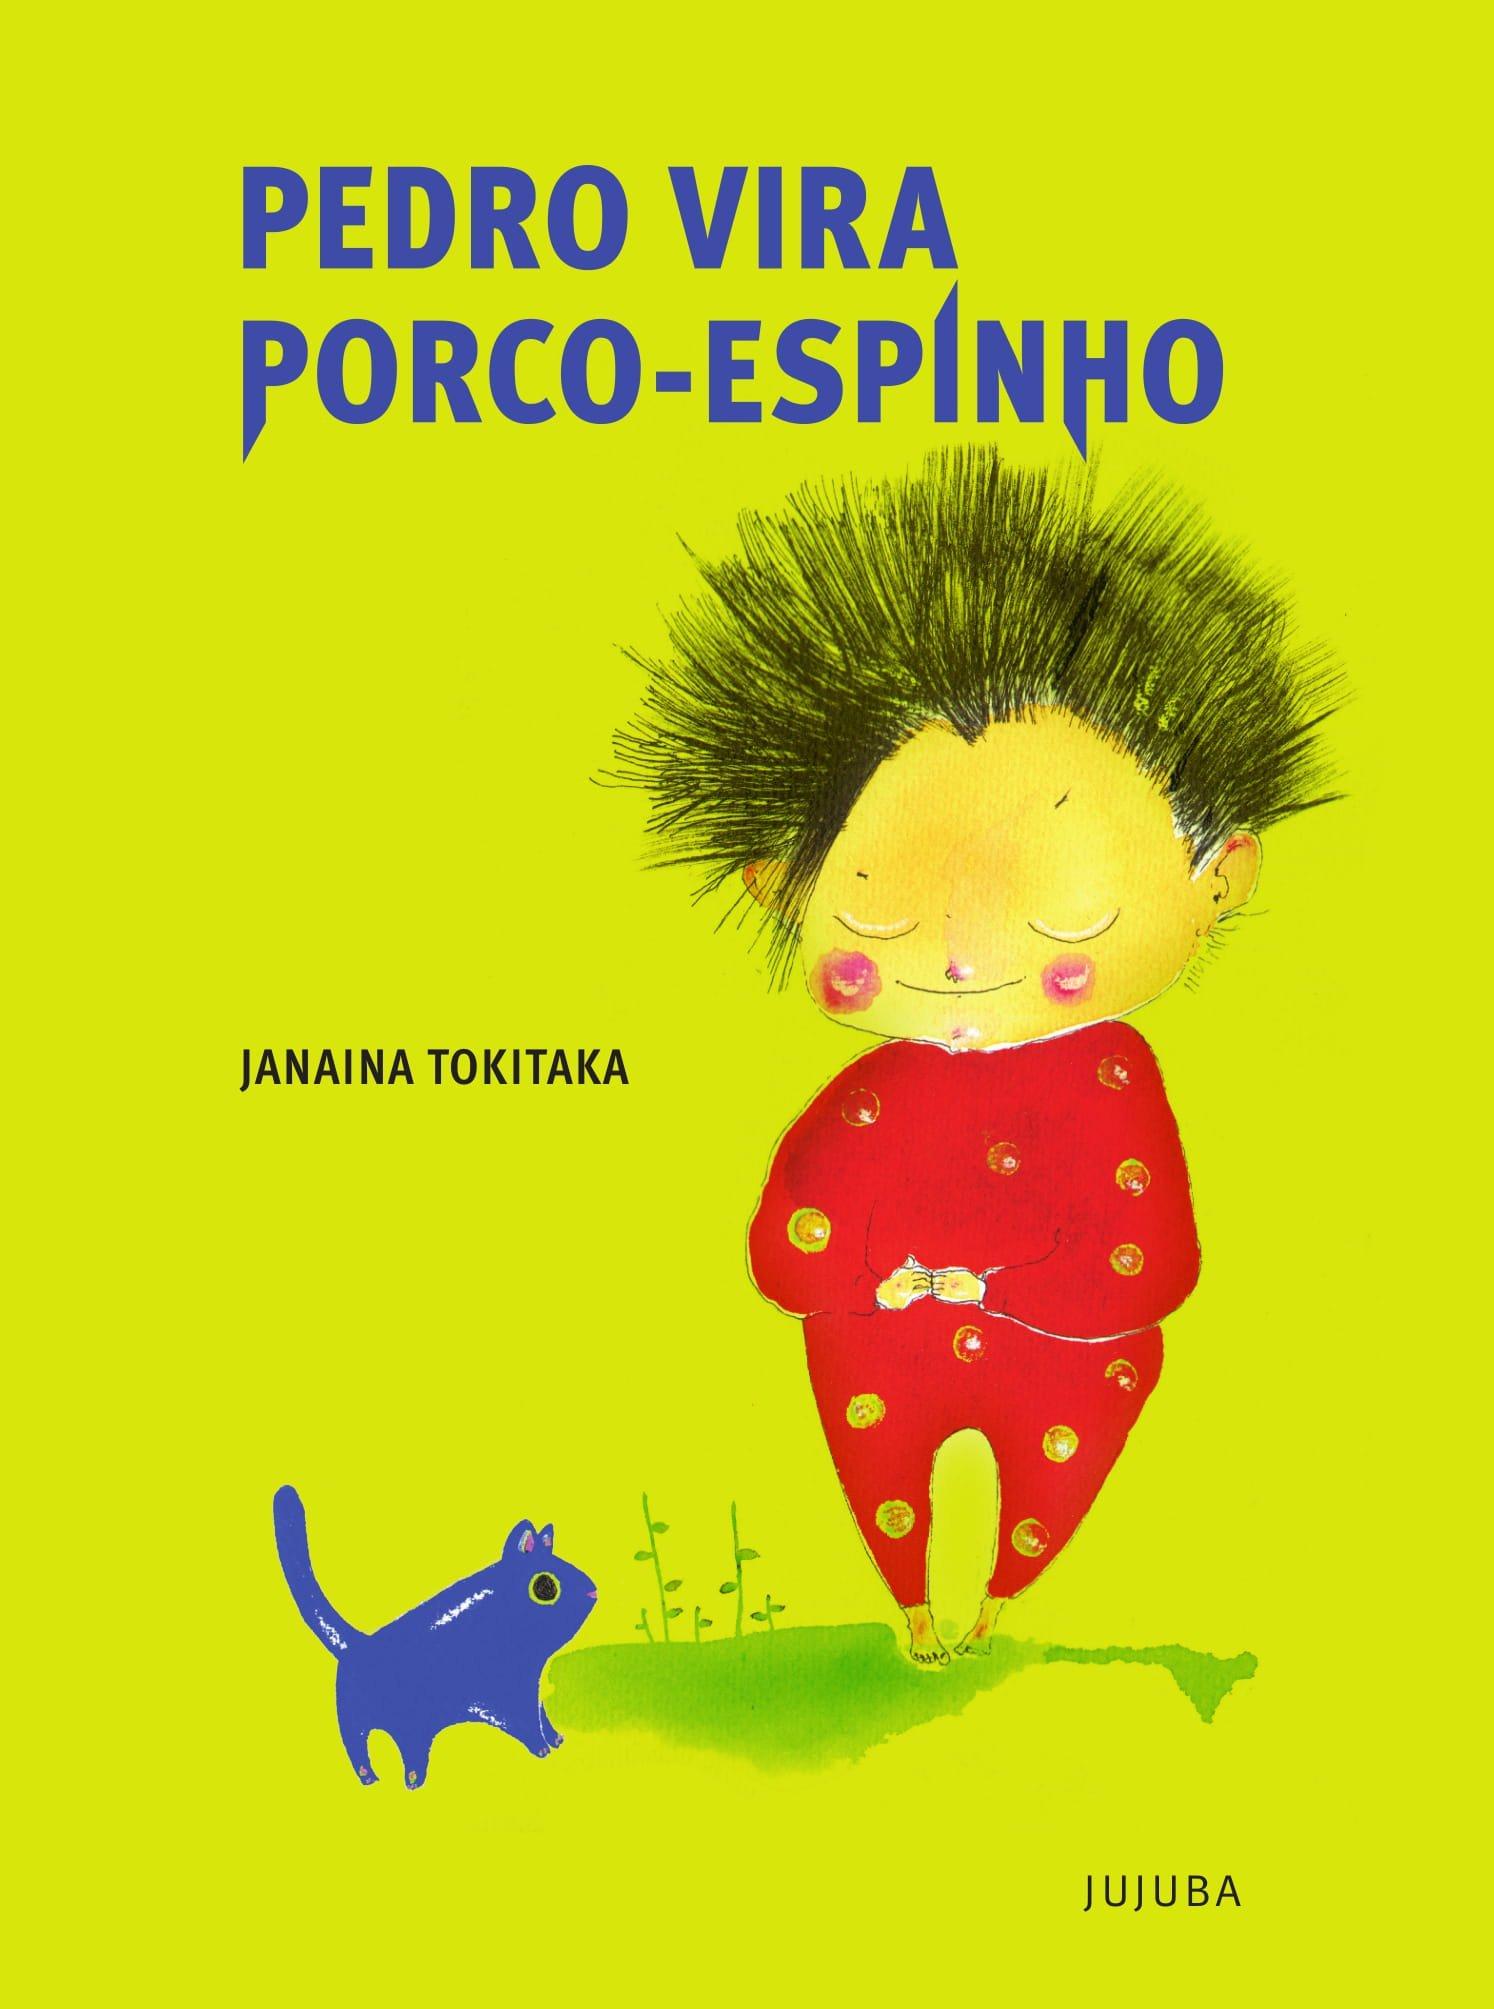 Pedro vira porco-espinho, livro de Janaína Tokitaka